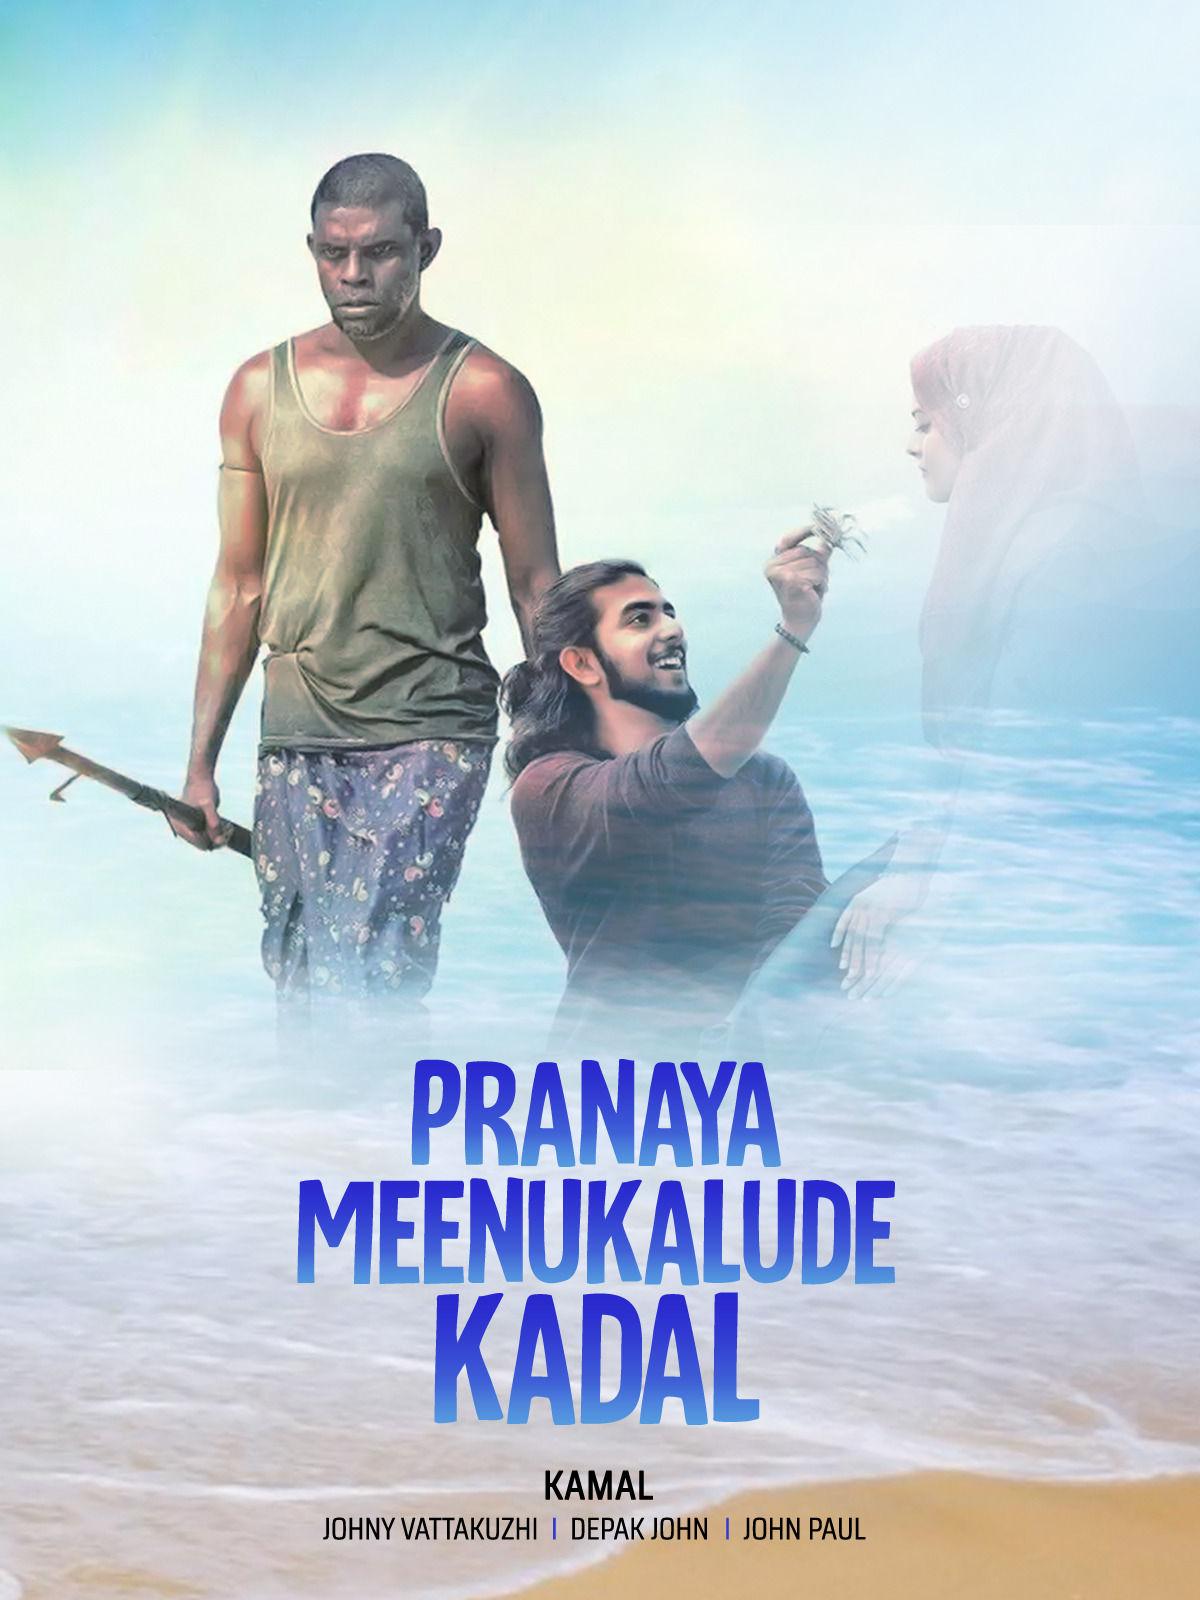 Pranaya Meenukalude Kadal